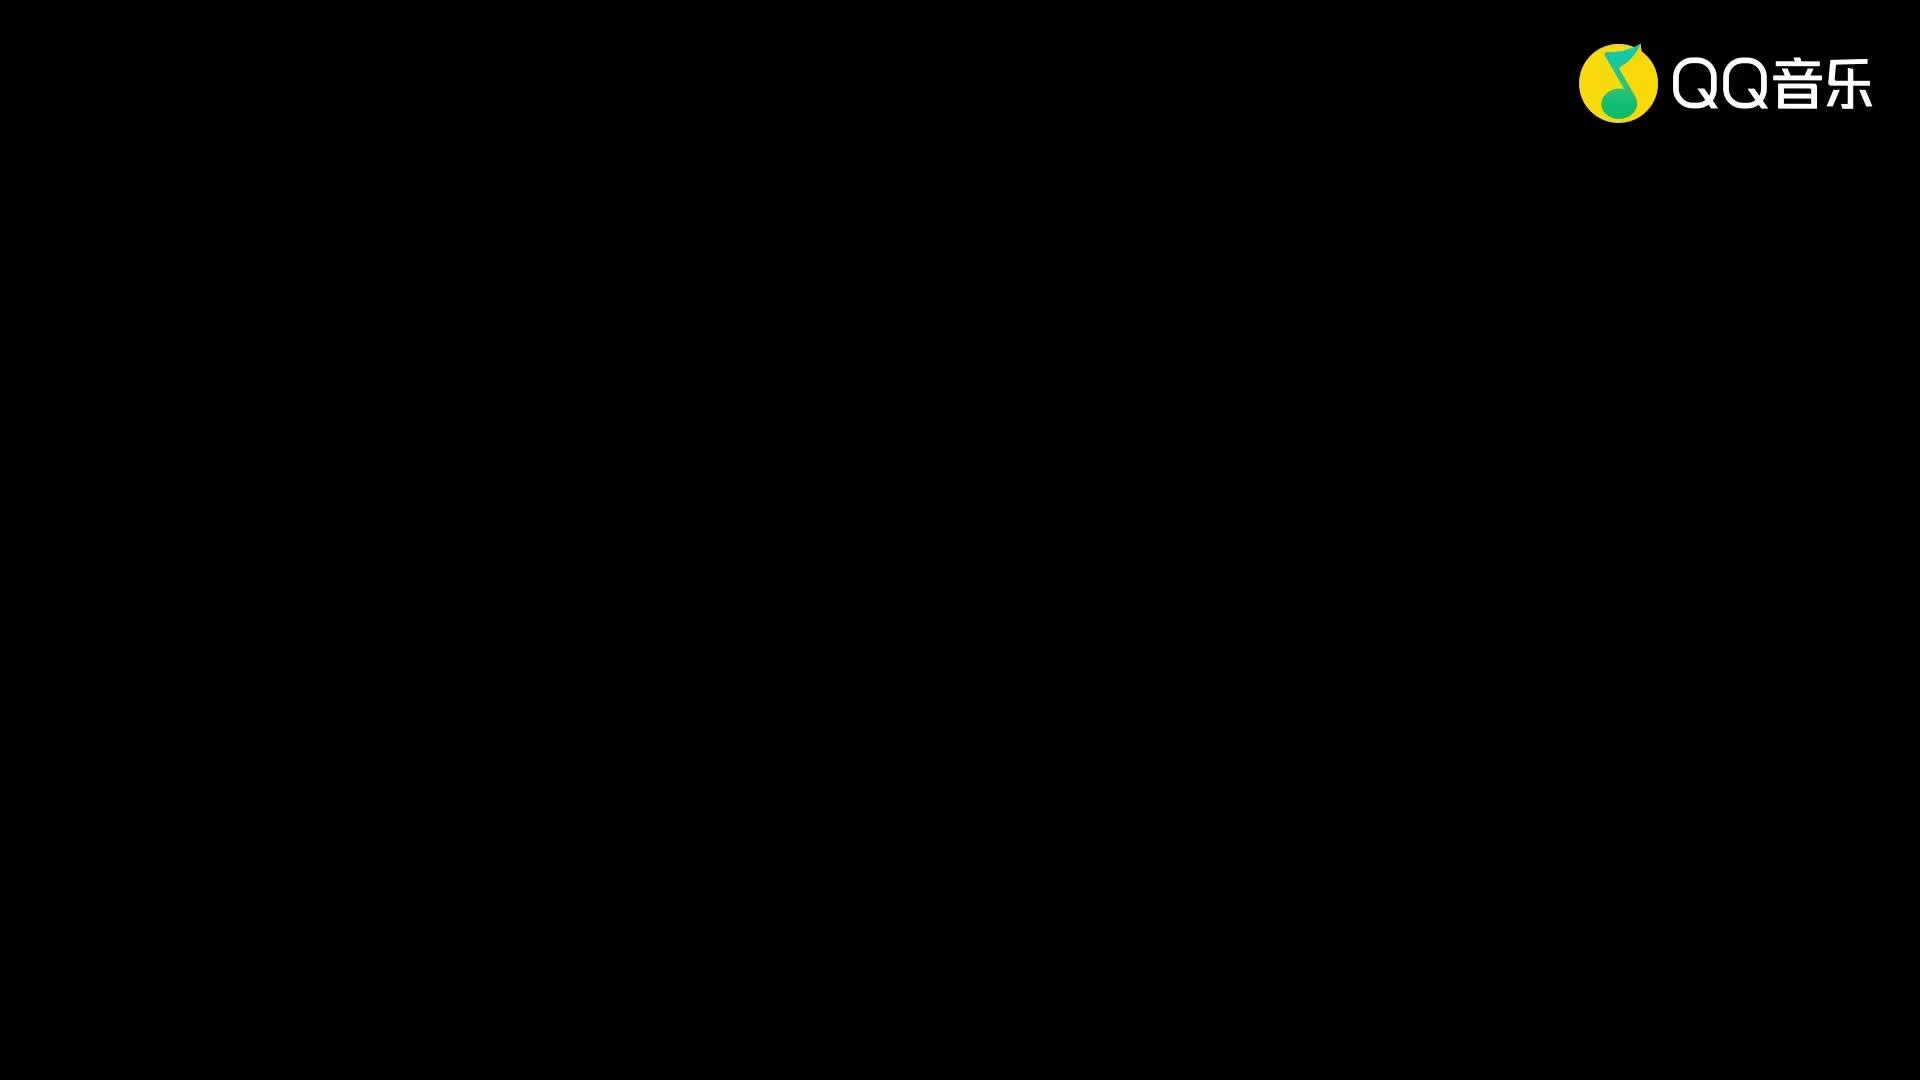 Giải trí - Clip: Lưu Đức Hoa, Chân Tử Đan hòa giọng trong ca khúc đặc biệt (Hình 3).